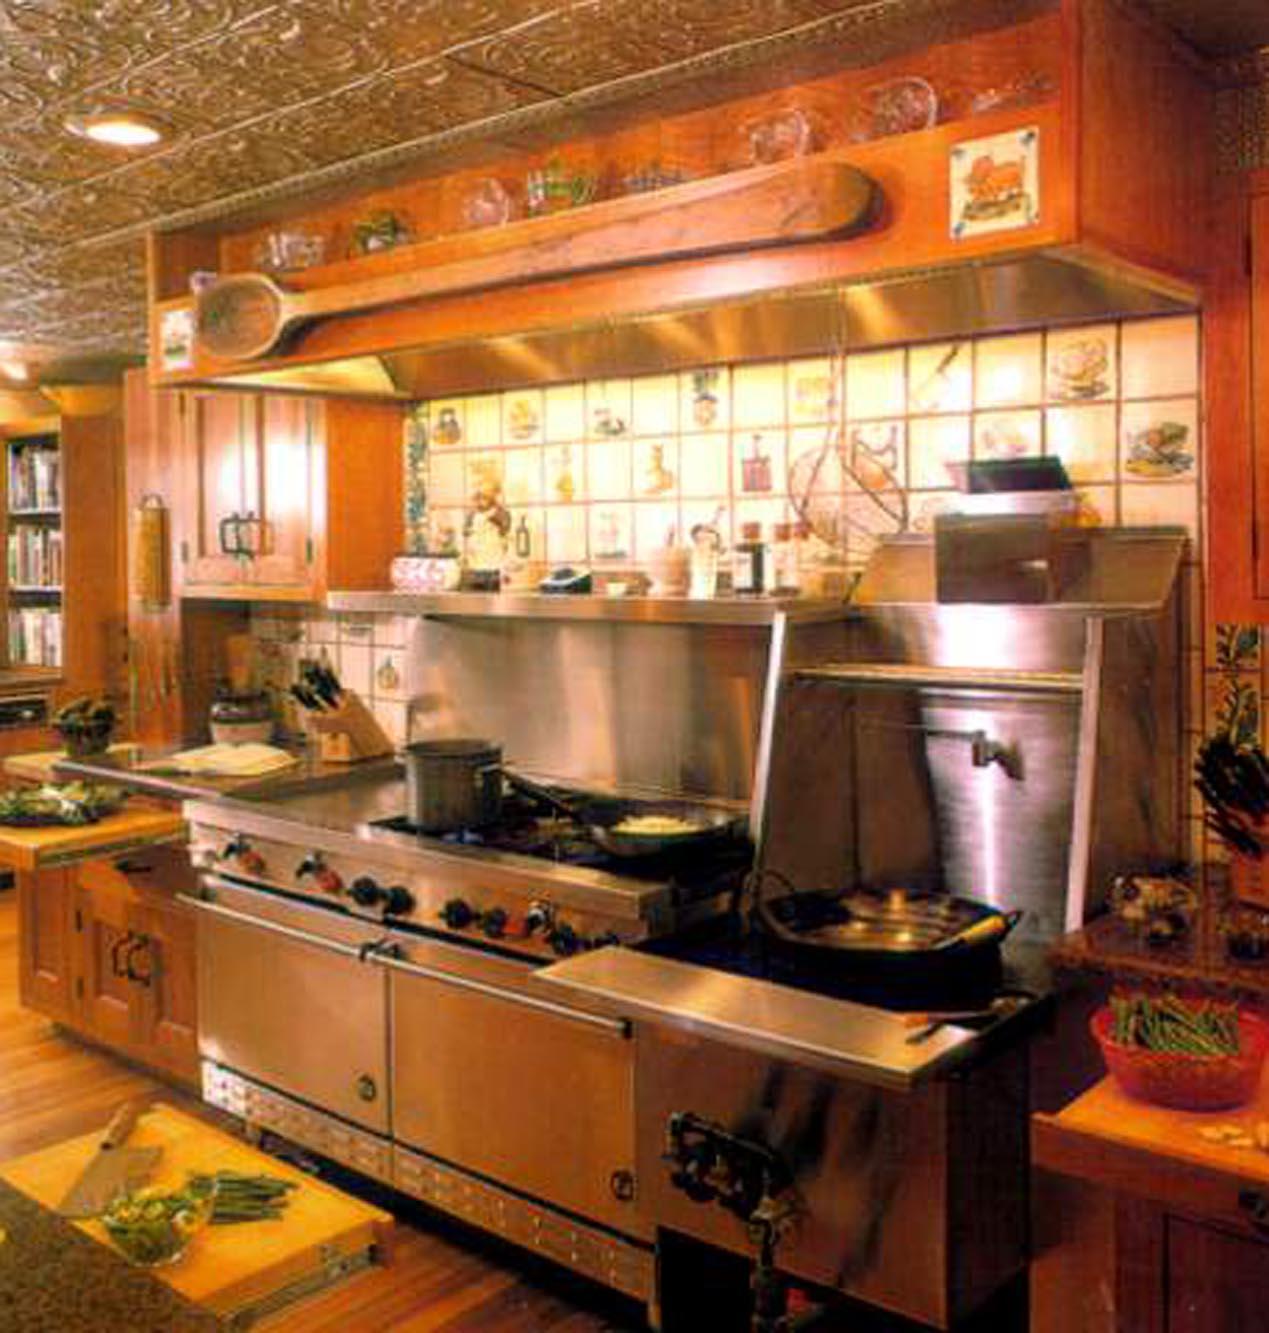 让厨房成为吸引餐馆顾客的焦点